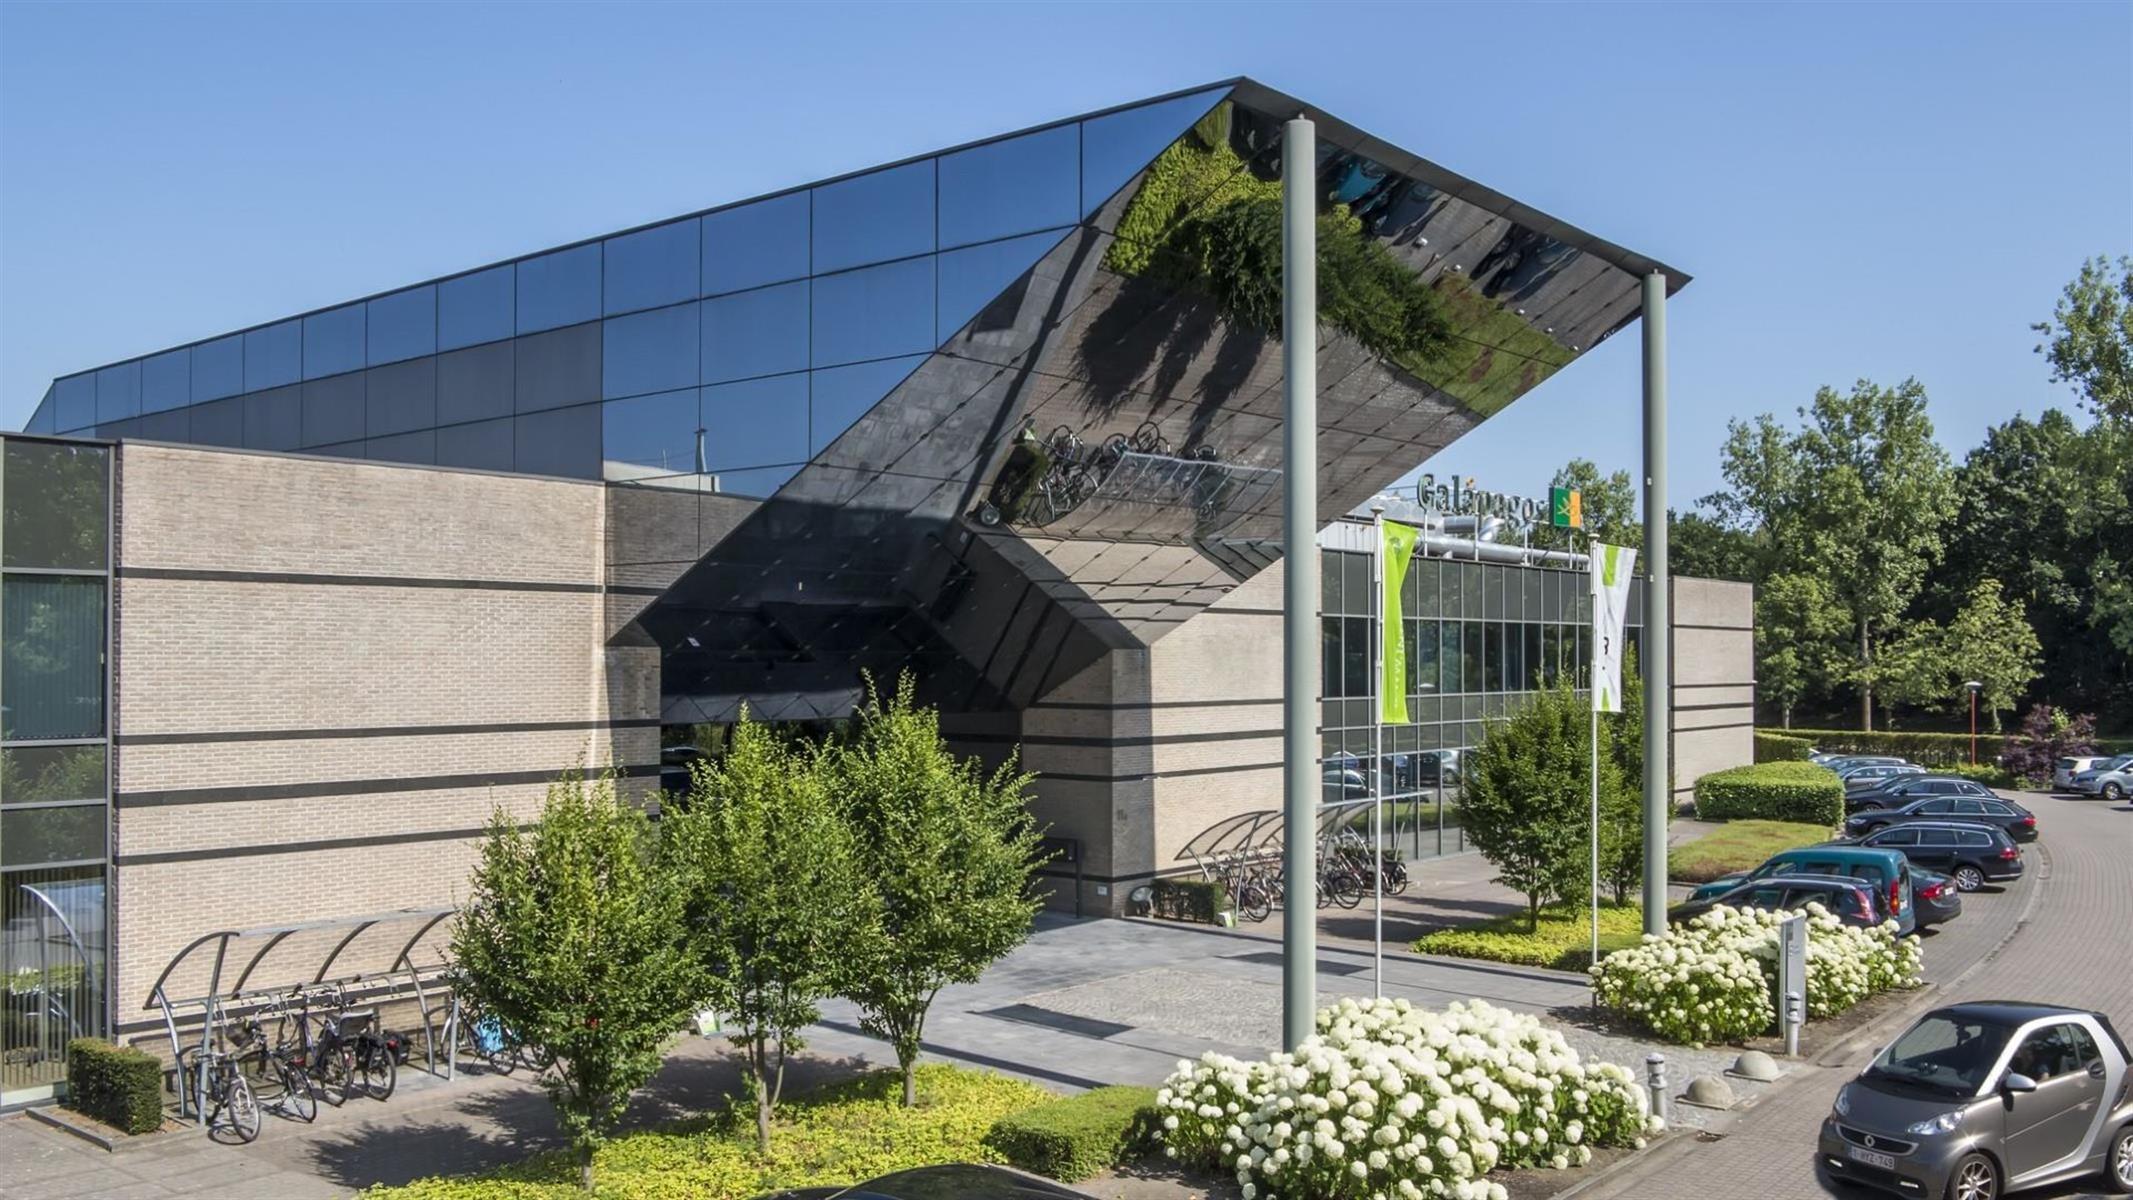 kantoor te huur I126 - 17B - unit 2/R - Generaal de Wittelaan 17, 2800 Mechelen, België 2